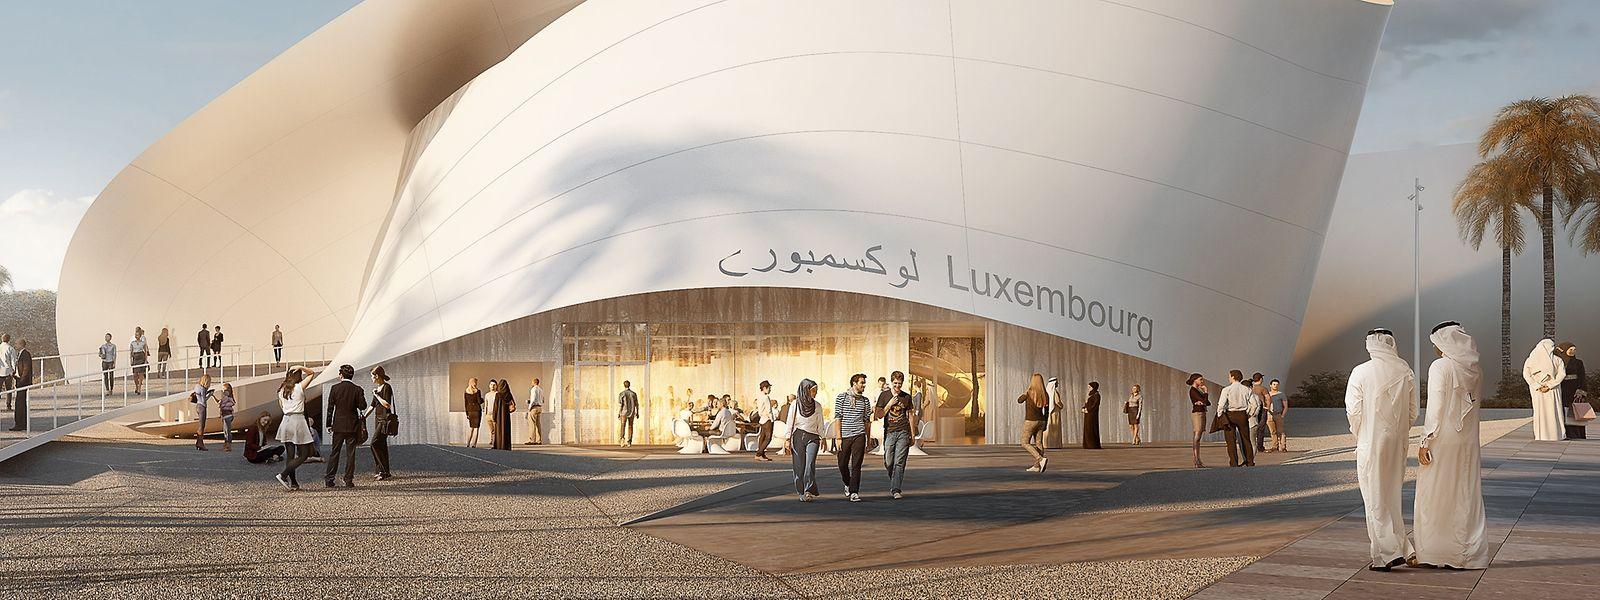 Das Luxemburger Architektenbüro Metaform hat das Gebäude entworfen.